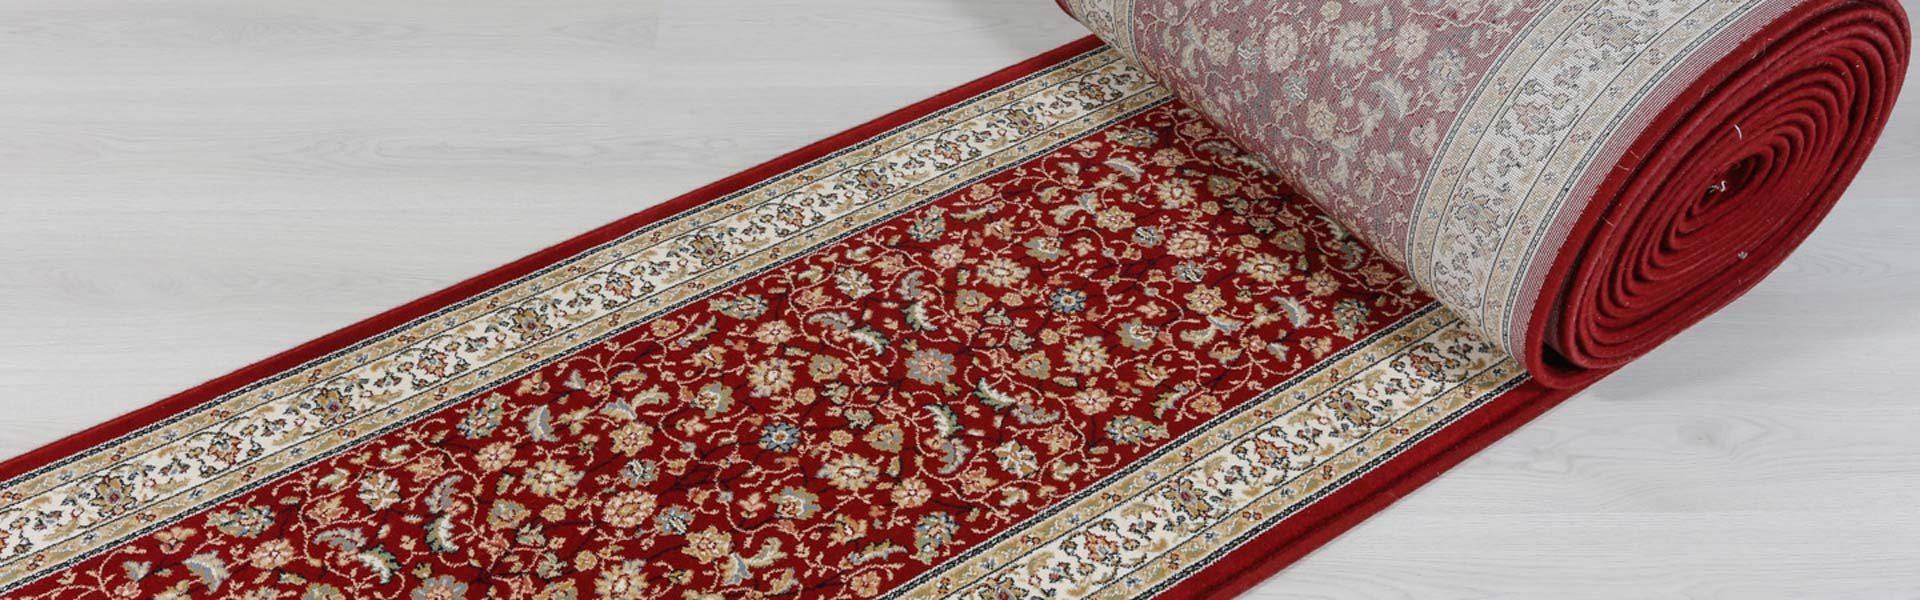 ¿Cómo se hacen las alfombras pasilleras?